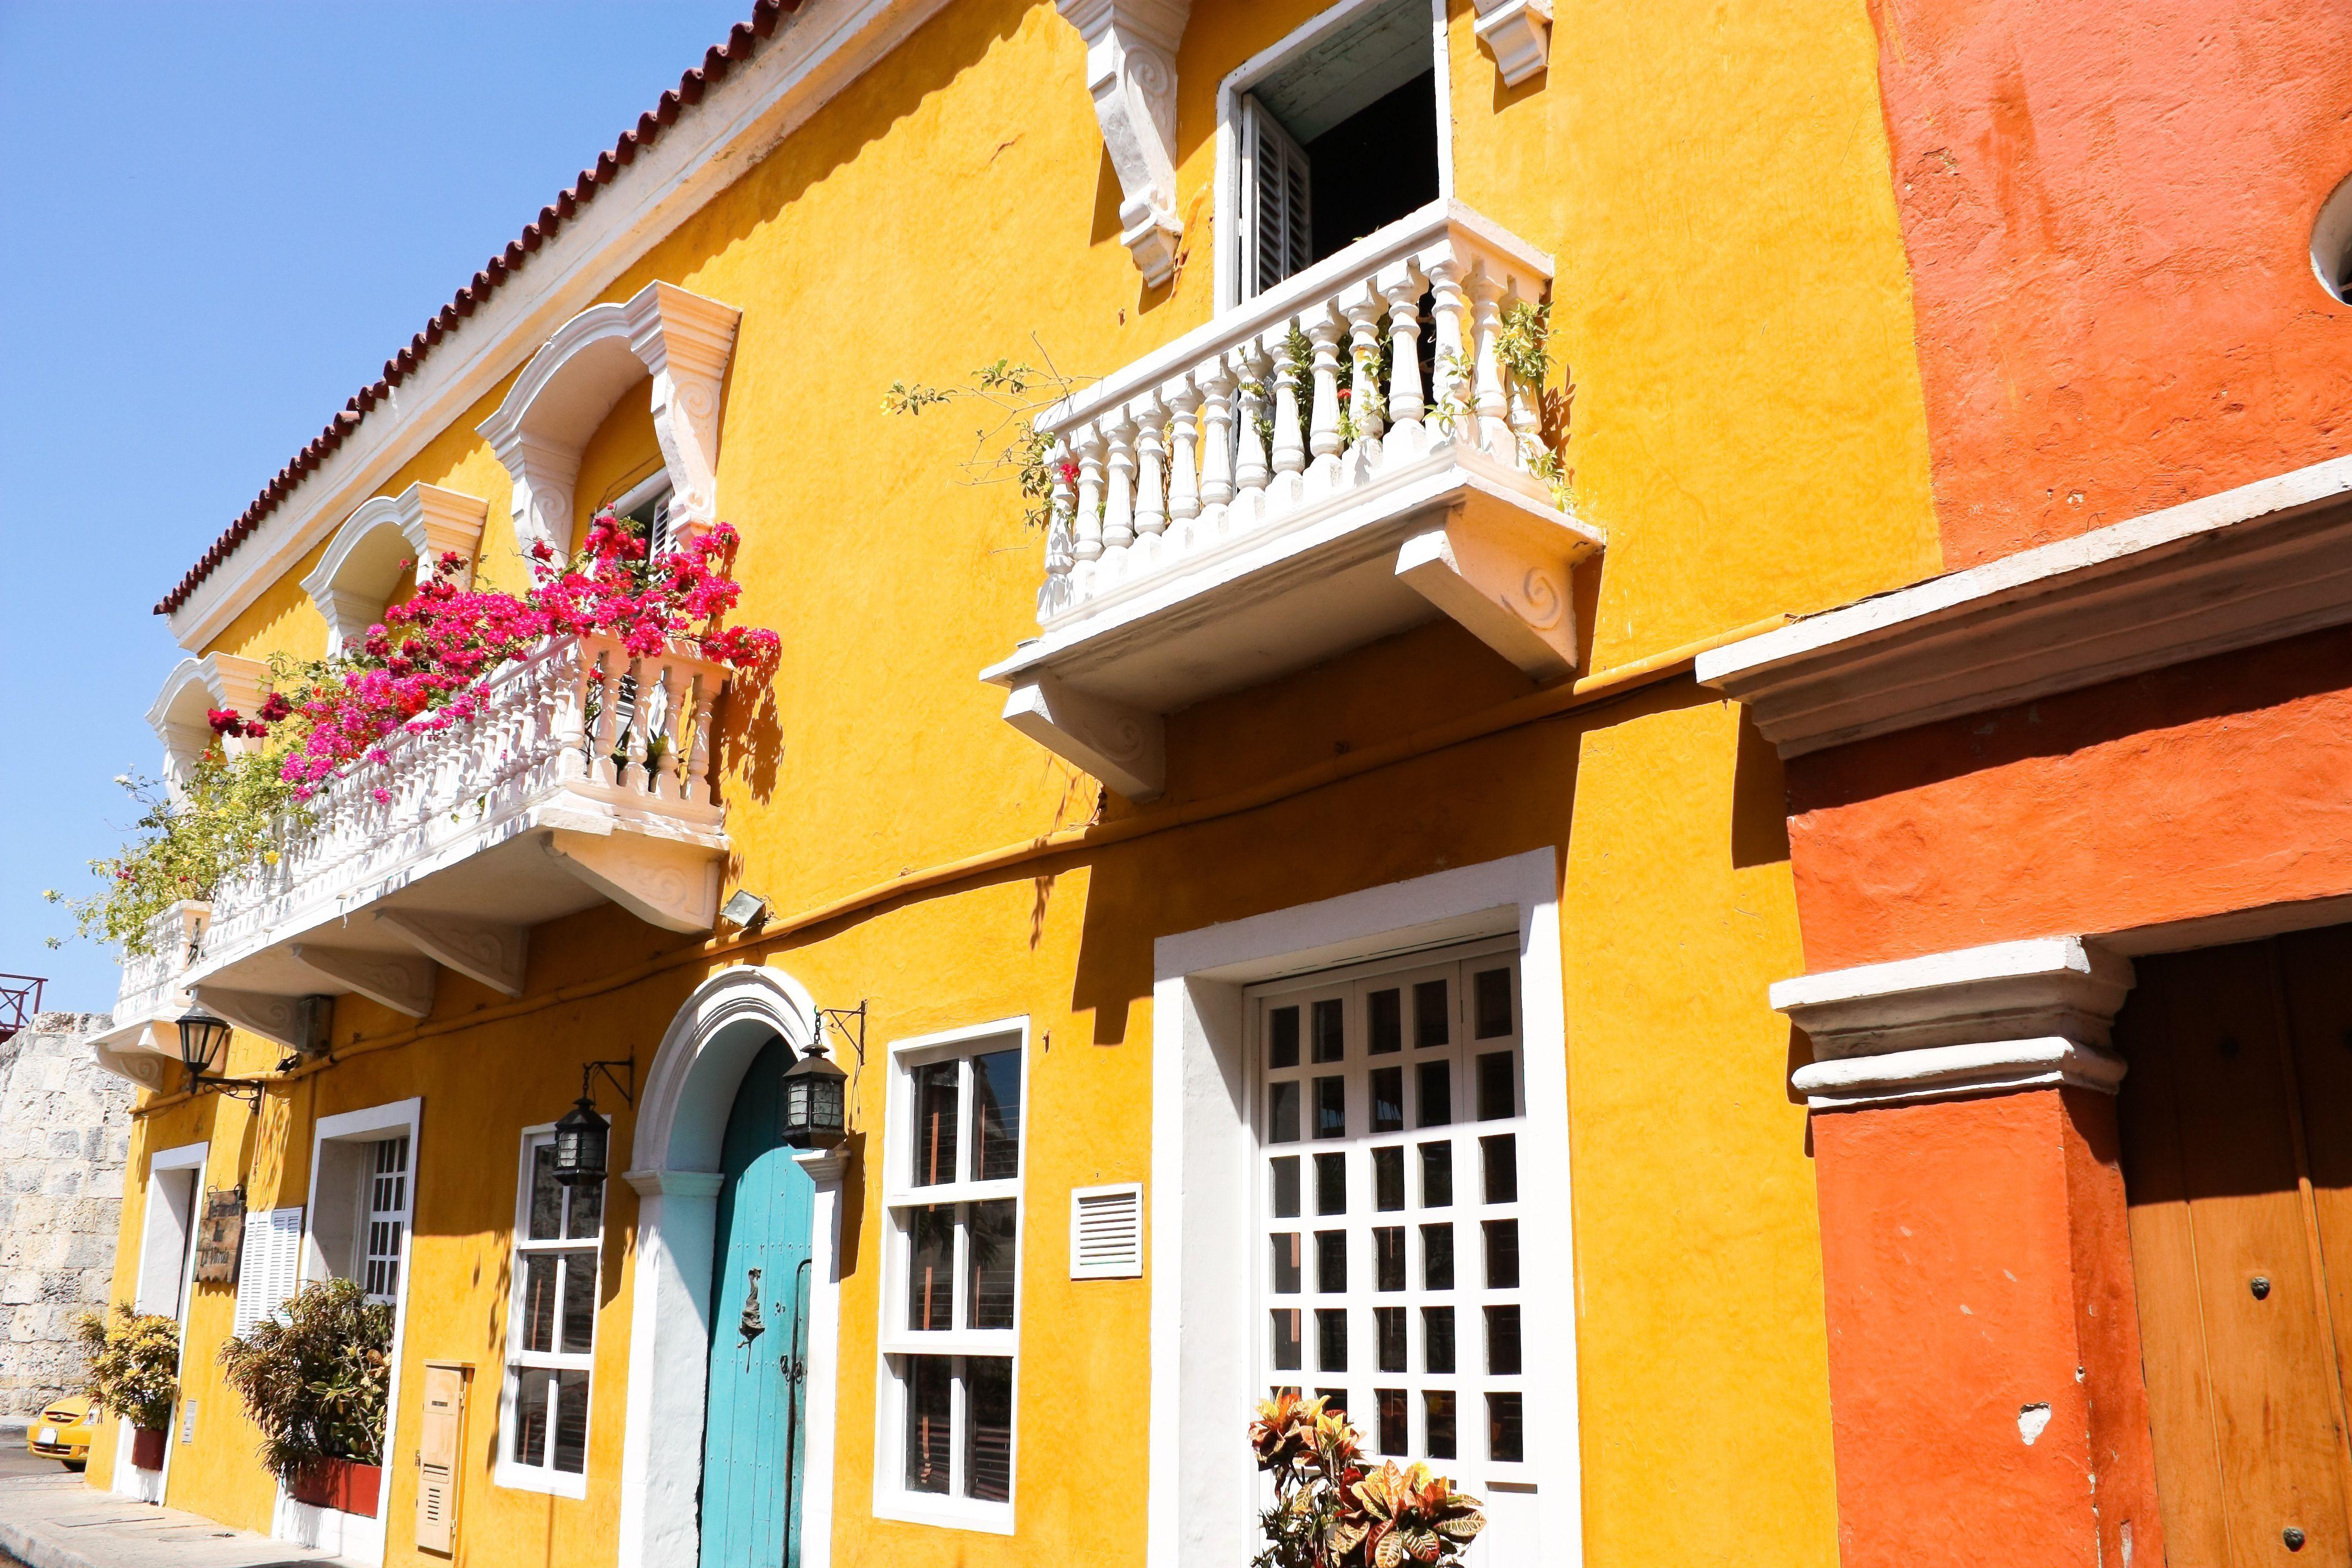 Paquetes a Cartagena de Indias, Colombia Cartagena de